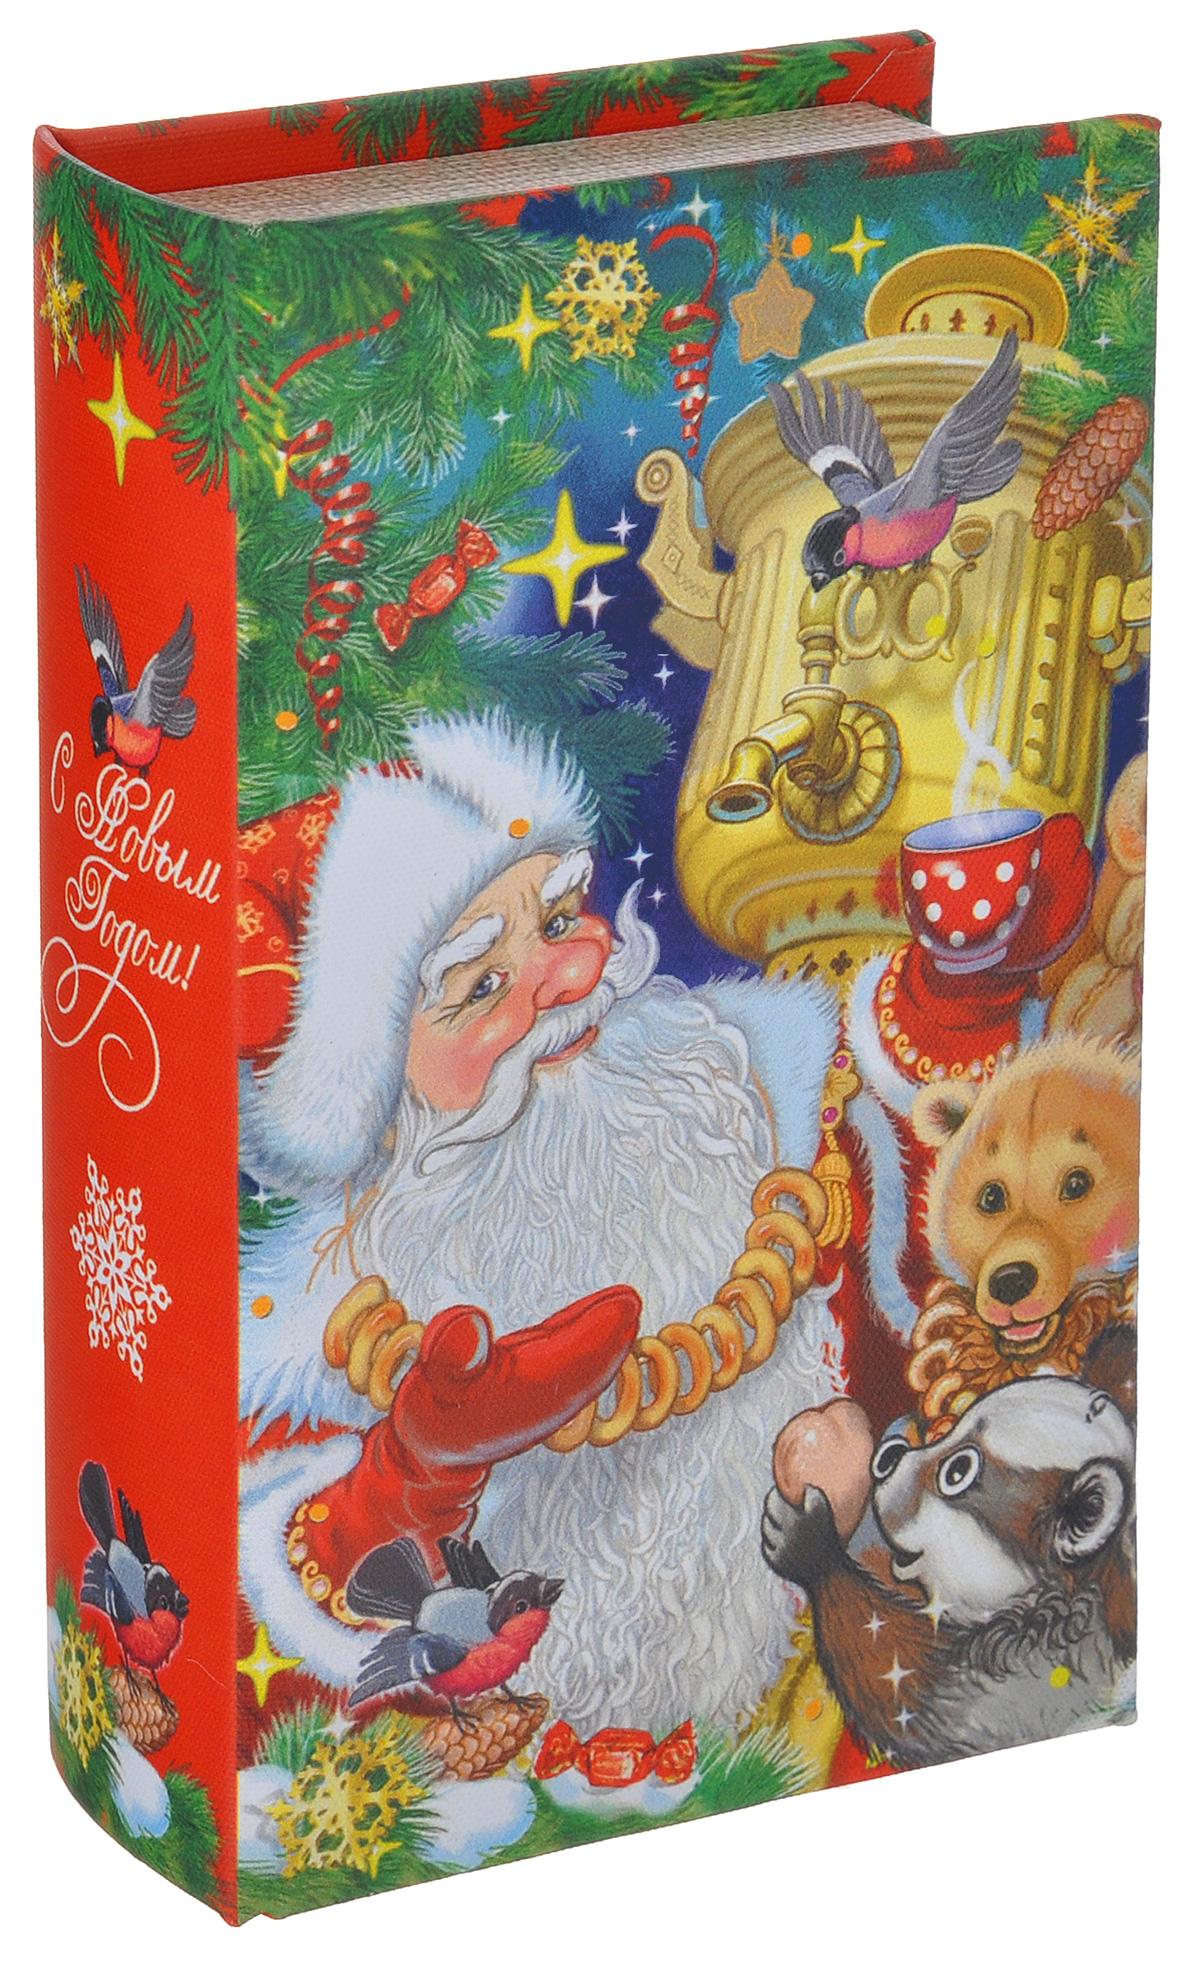 Шкатулка декоративная Дед Мороз с самоваром, цвет: красный, зеленый, бежевый, 17 х 11см х 5 смRG-D31SЯркая декоративная шкатулка Дед Мороз с самоваром, выполненная из МДФ, не оставит равнодушным ни одного любителя оригинальных вещей. Изделие украшено оригинальном рисунком и закрывается на магнит. Такая шкатулка украсит интерьер вашей комнаты и станет не только декоративным, но и практичным аксессуаром - ее можно использовать для хранения украшений и мелочей.